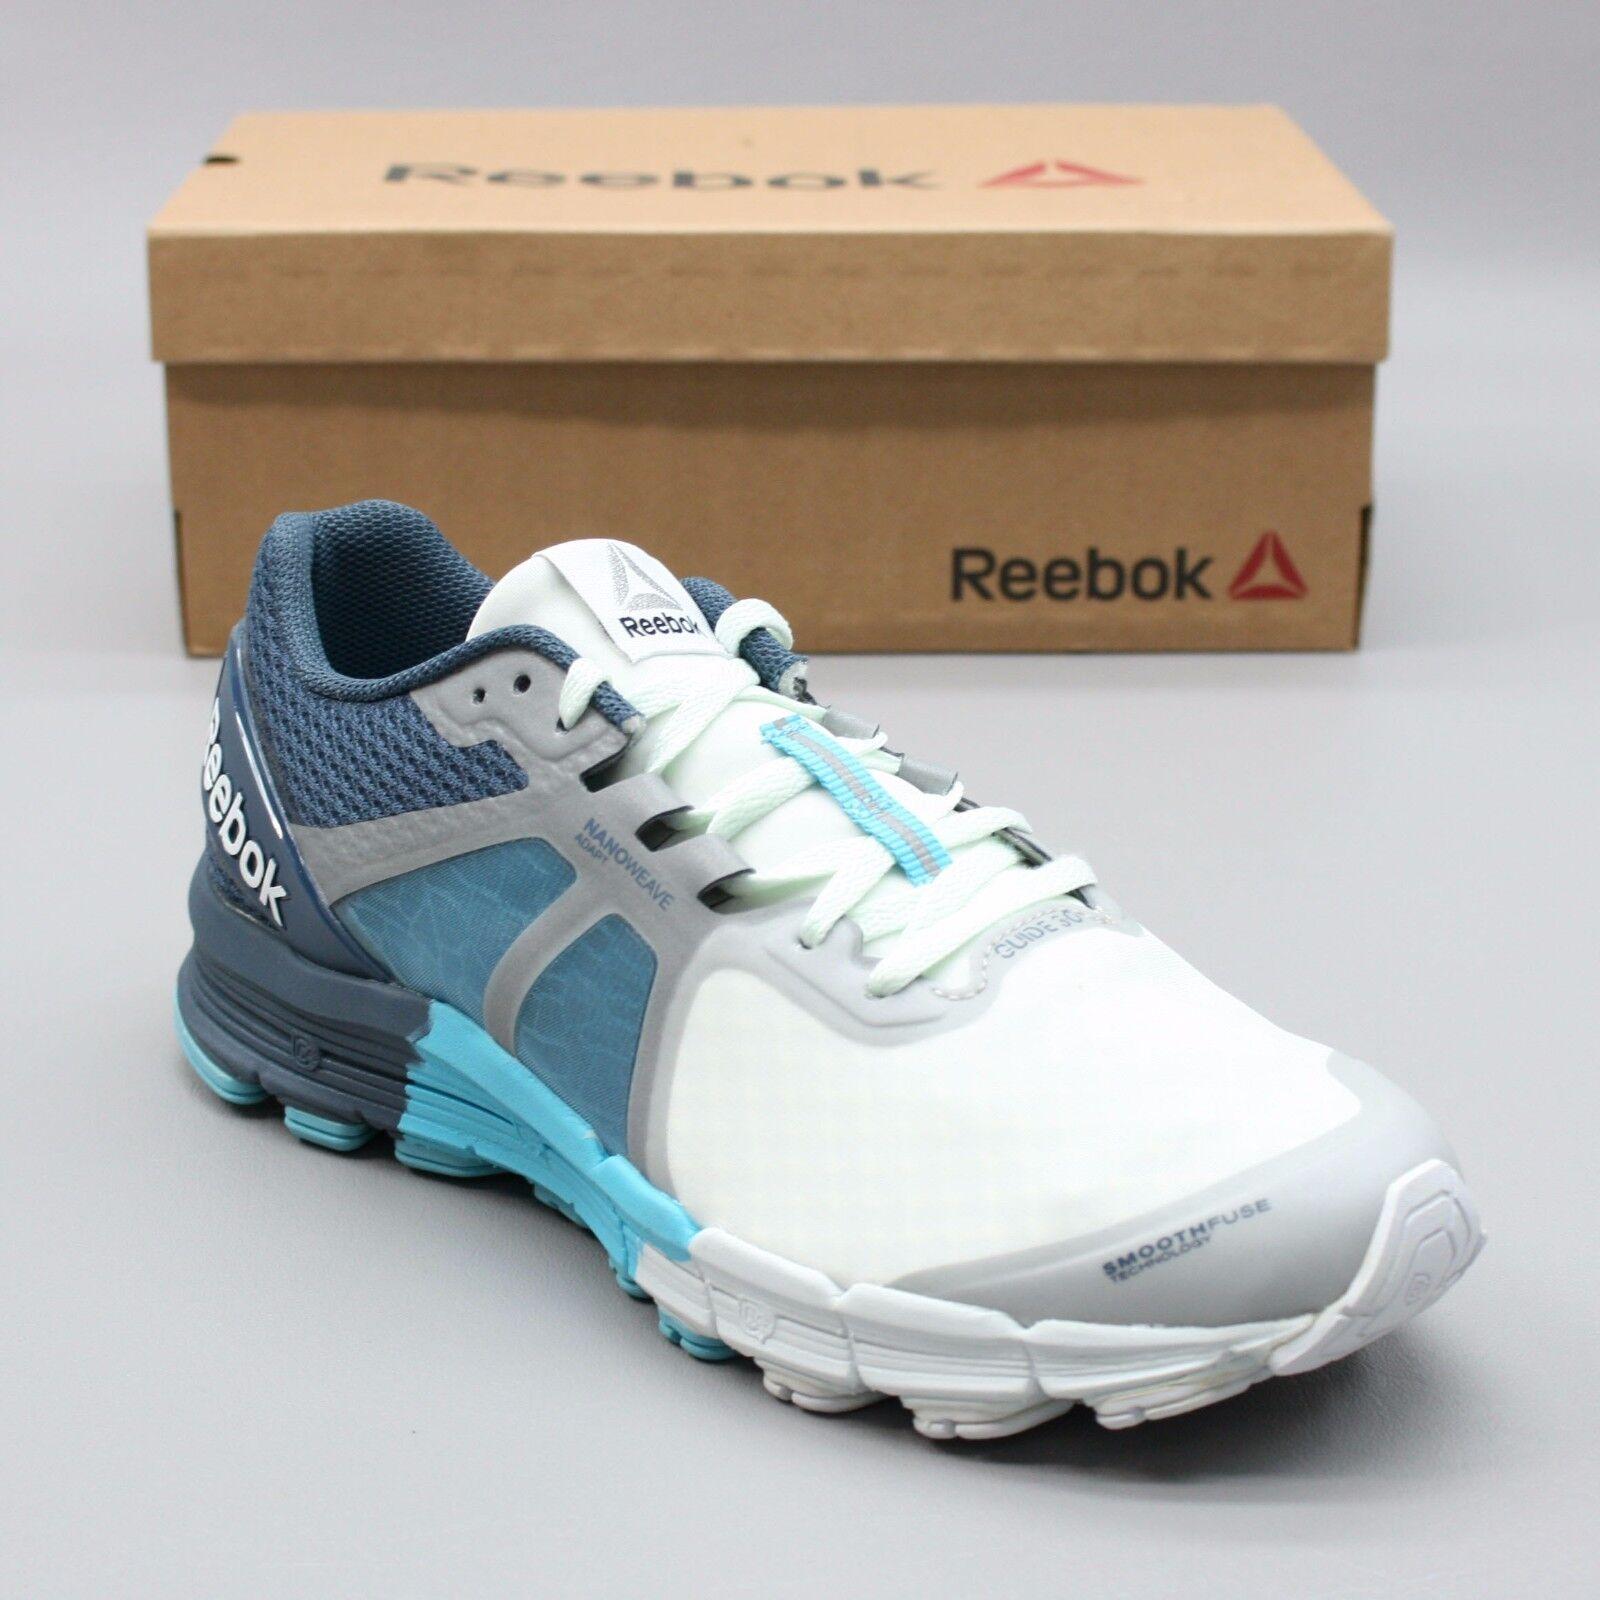 NEW Reebok AR2649 Ladies 8.5 (39) One Guide 3.0 Walking Comfort Training Sneaker